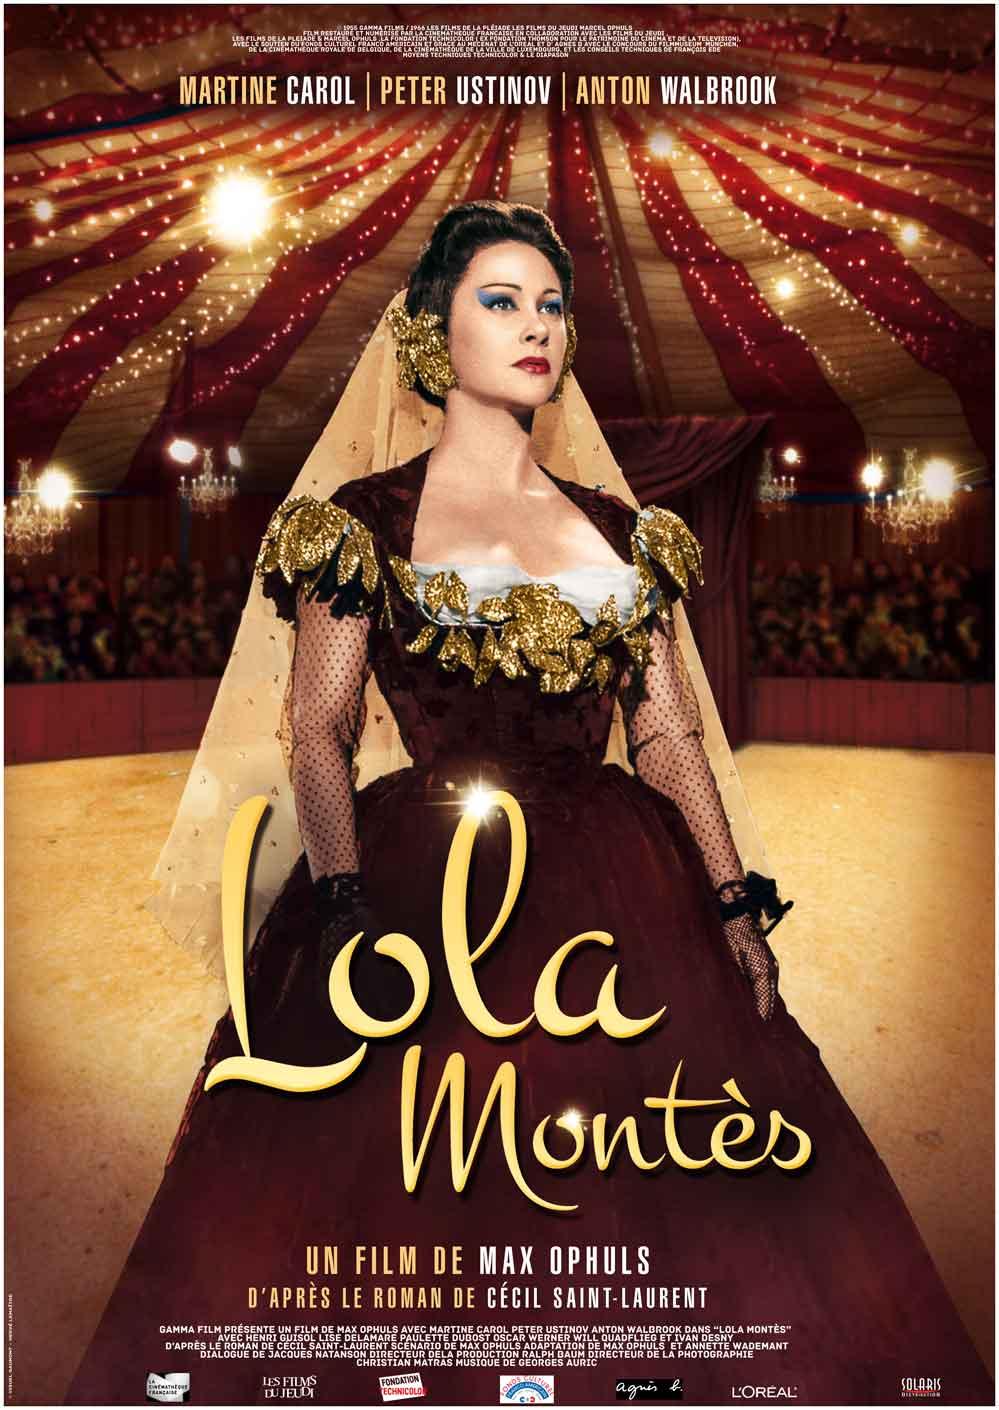 LOLA MONTES - Affiche